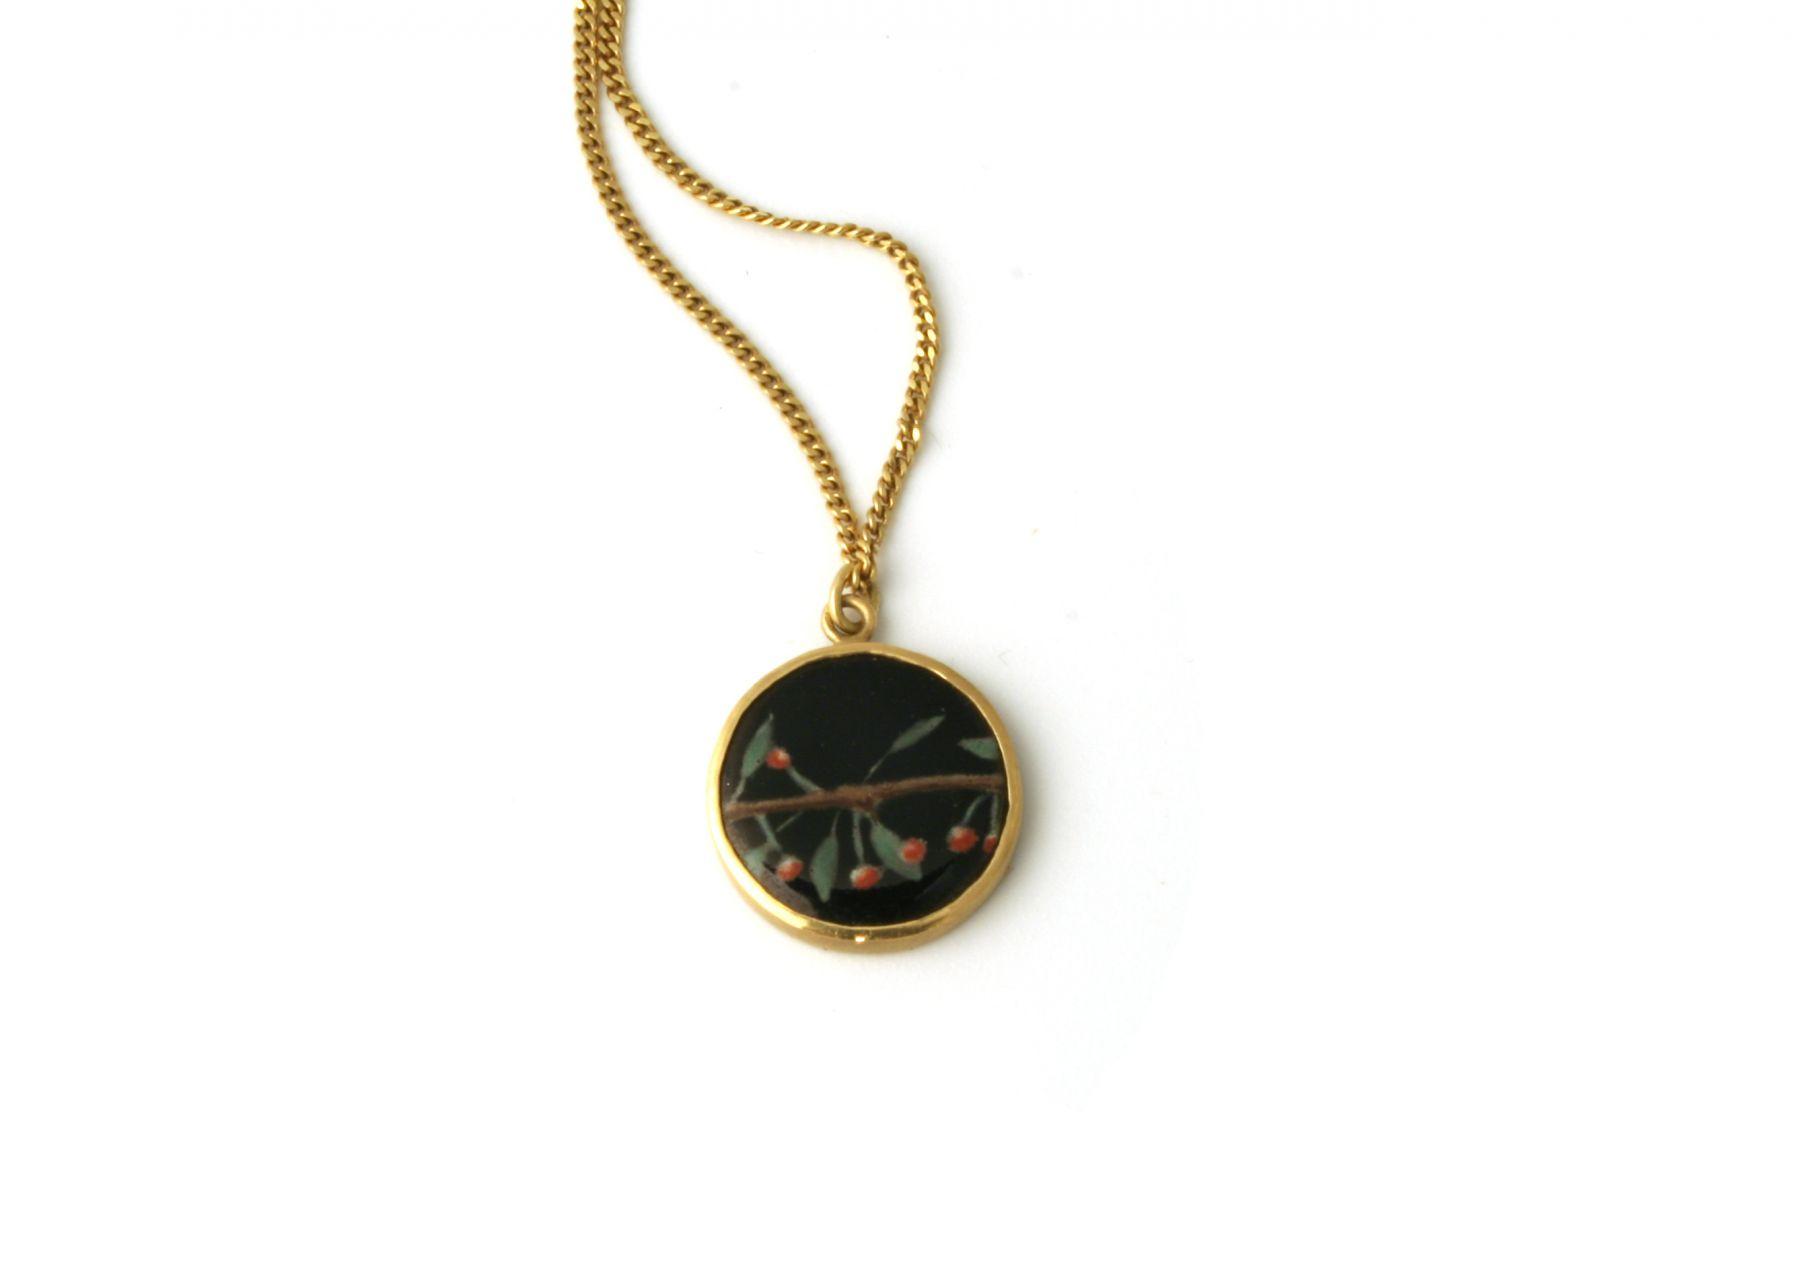 Jutta Klingebiel, enamel, pendant